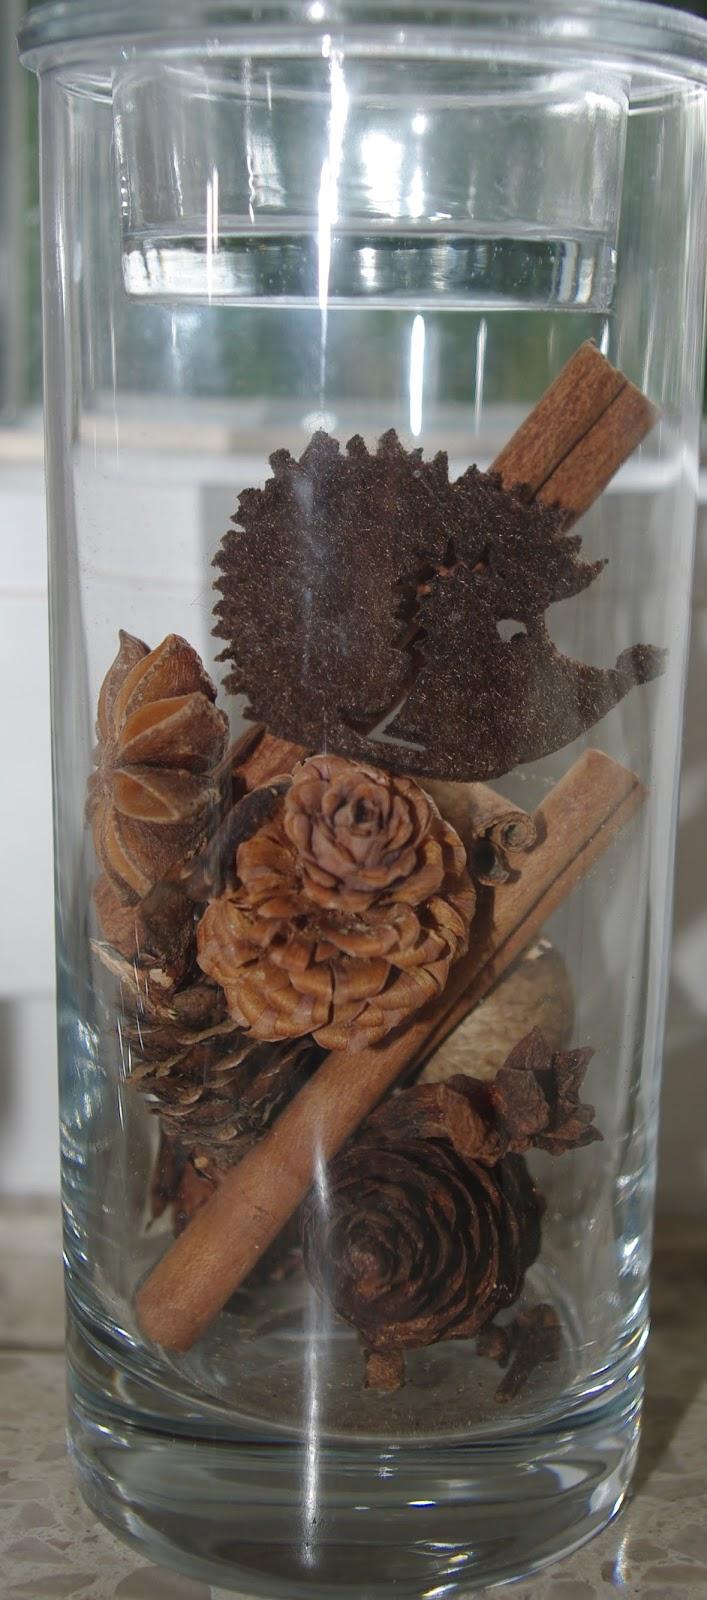 Lucciola dekoration herbst inspirationen teil i for Herbst dekoration im glas